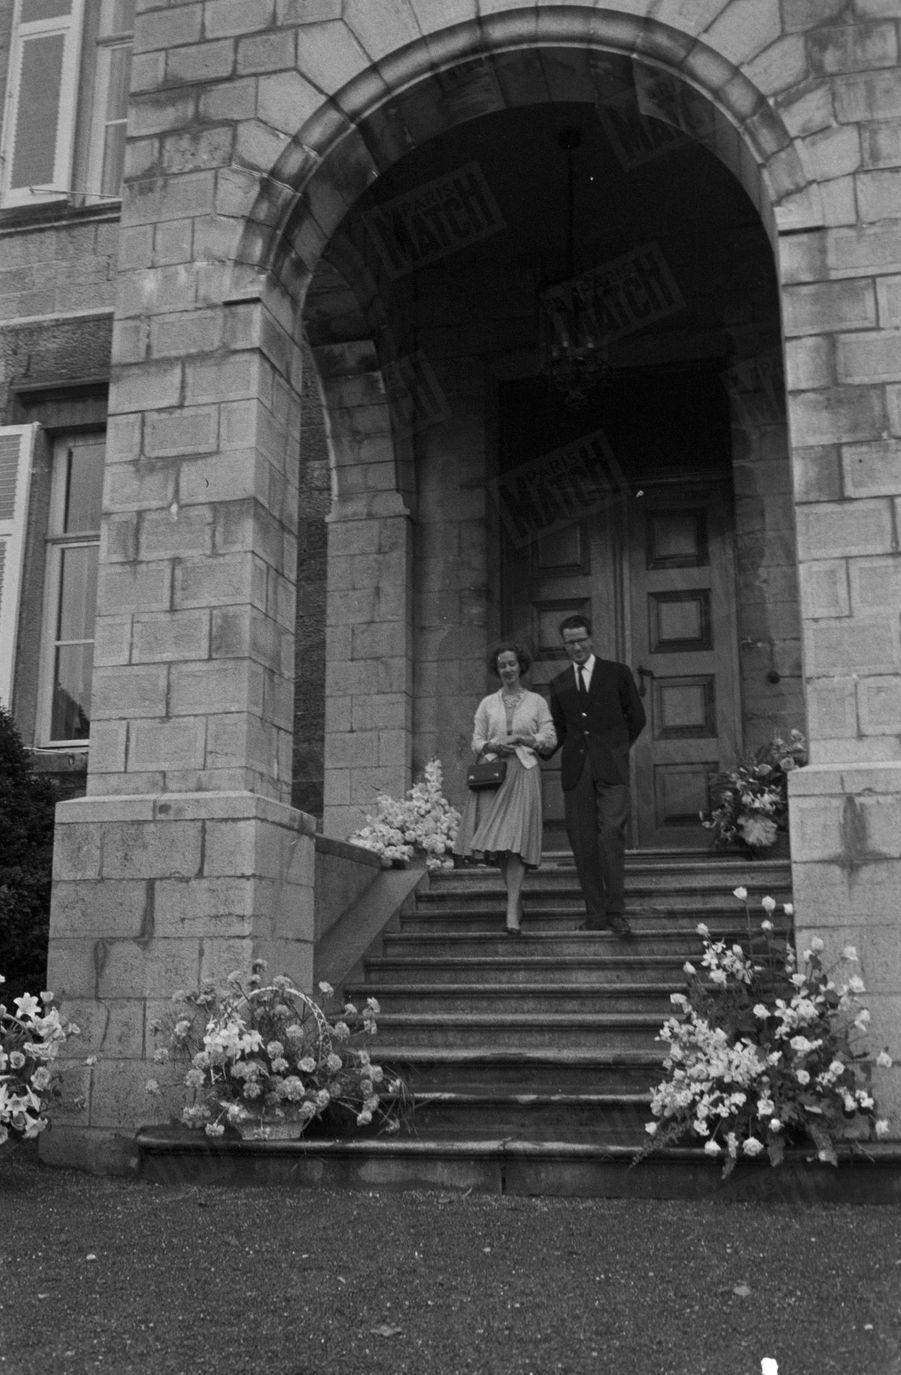 Le roi des Belges Baudouin présente sa fiancée Fabiola, dans le parc du château de Ciergnon, dans les Ardennes belges, le 17 septembre 1960.